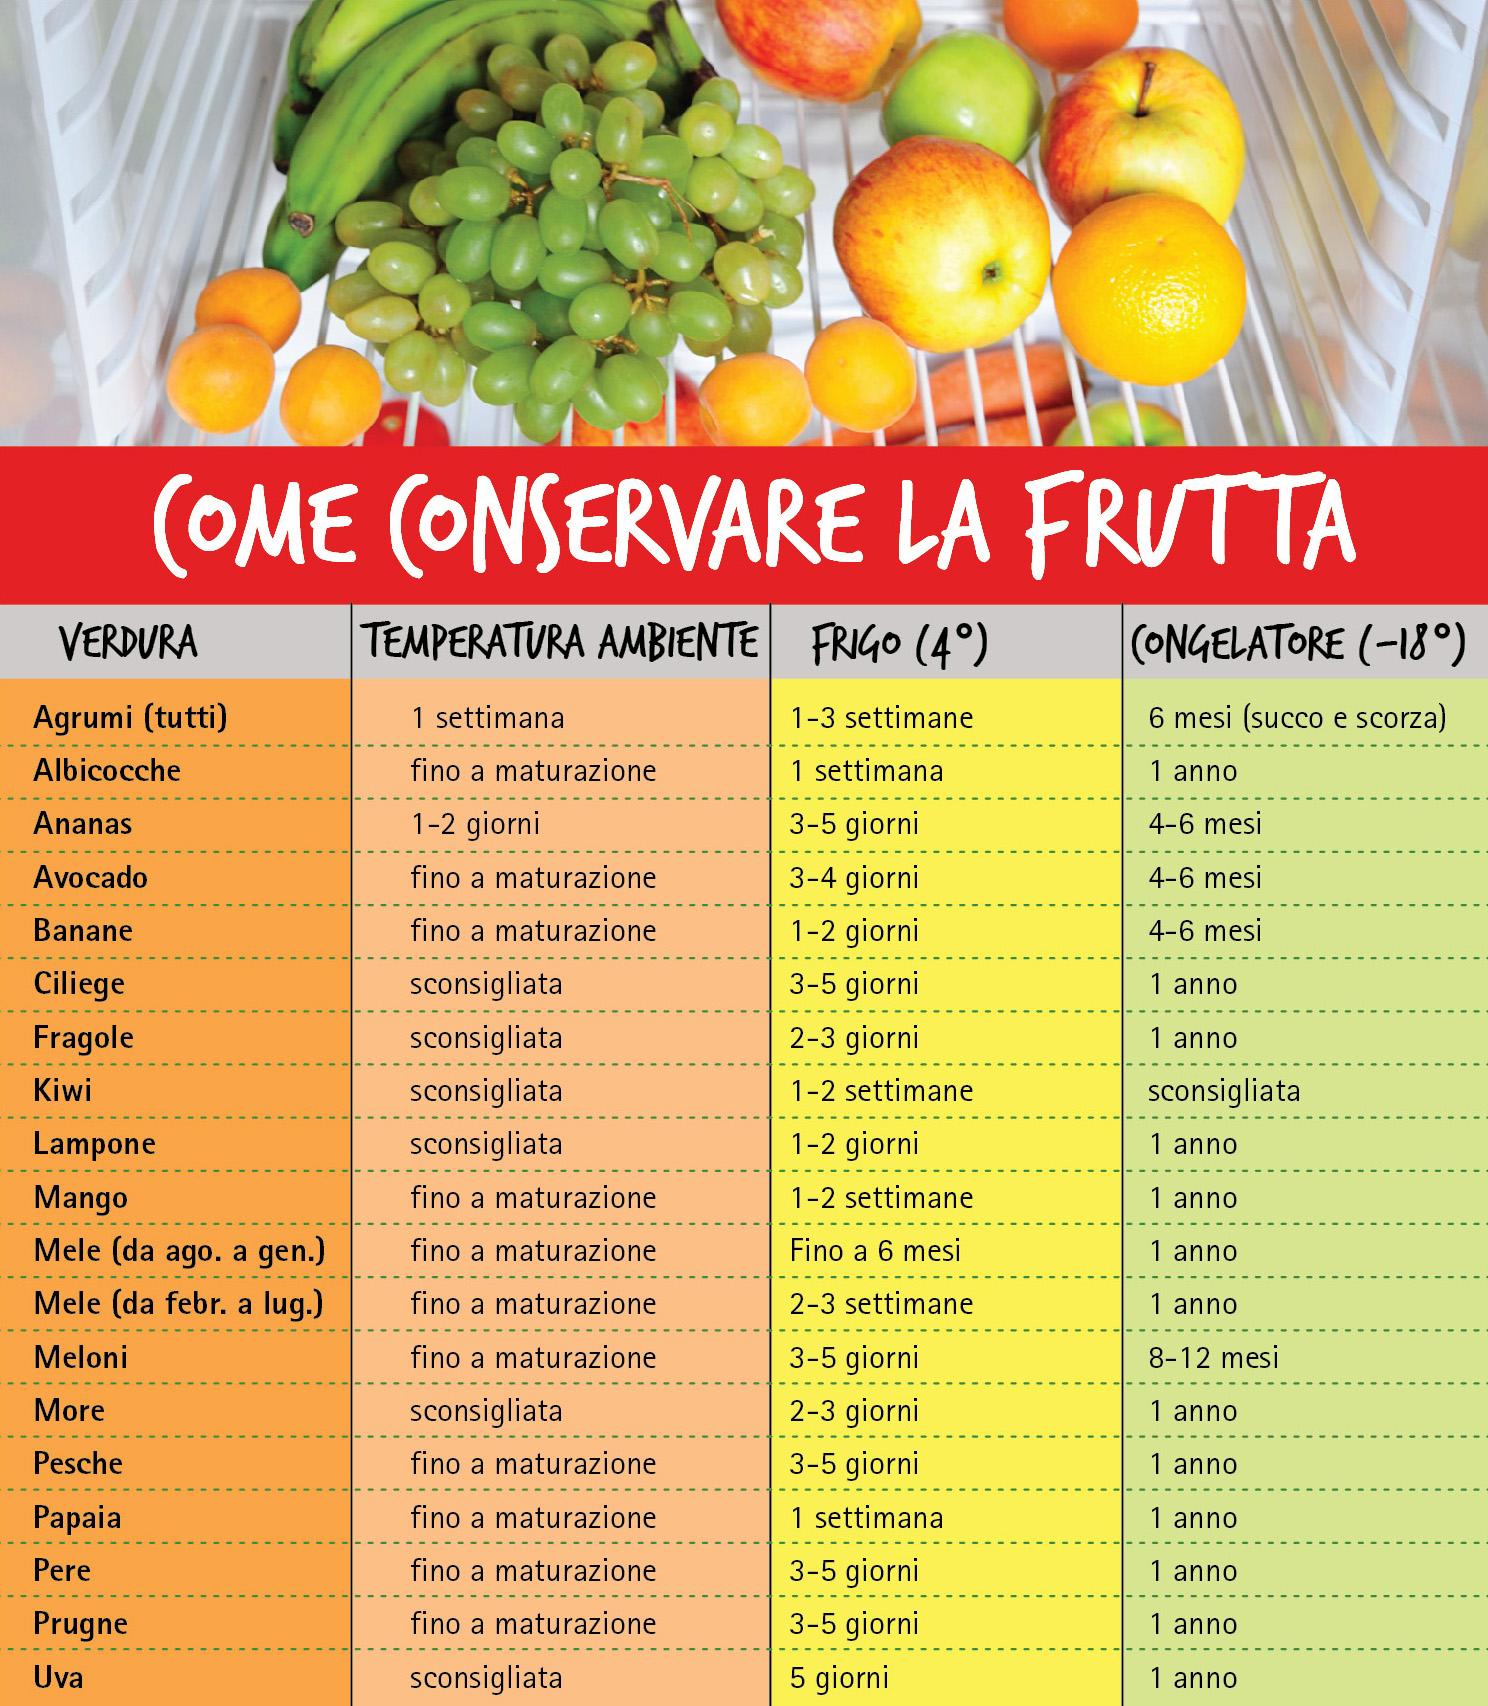 tabella come conservare la frutta